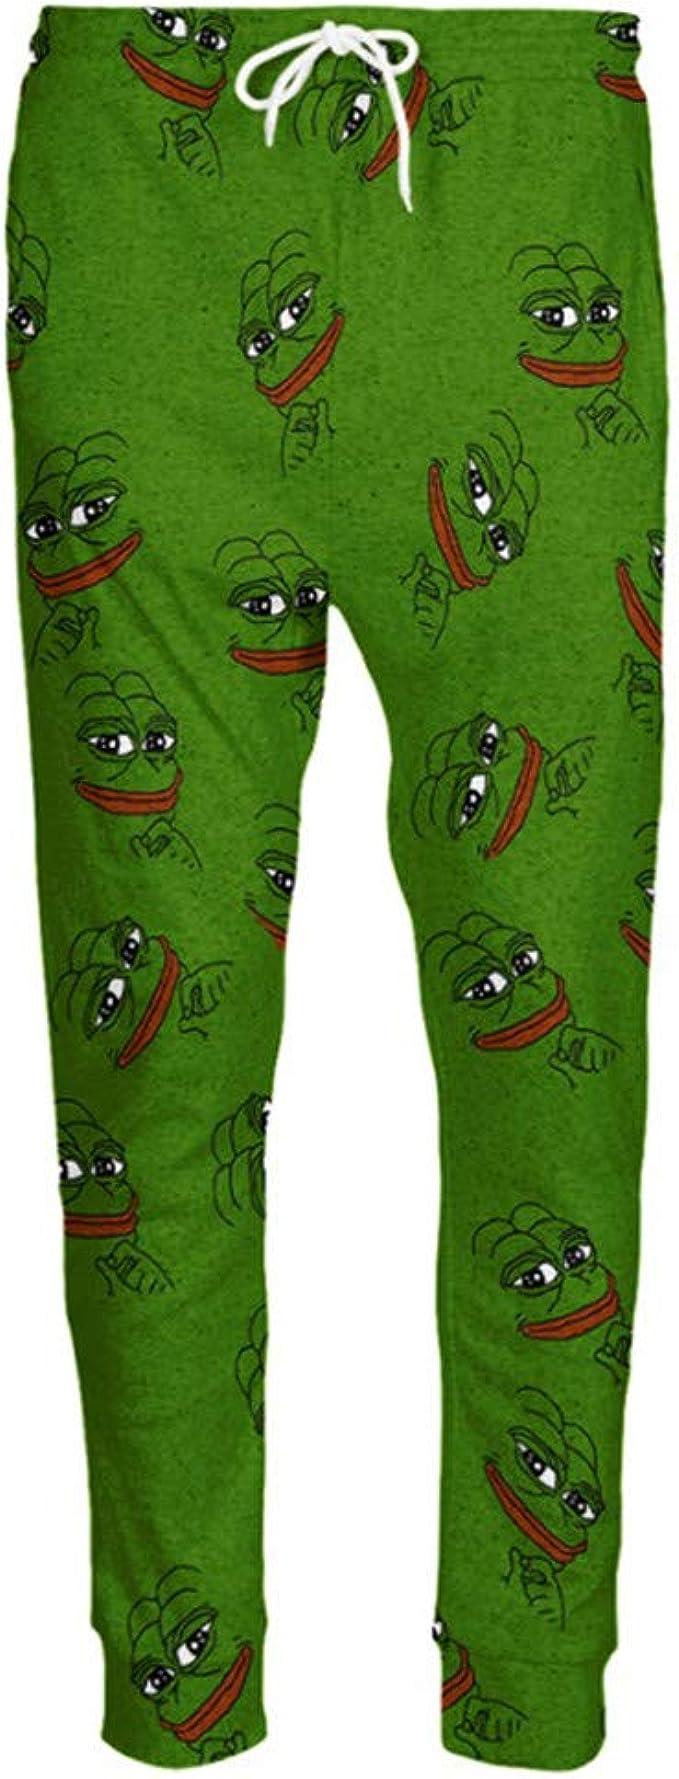 Es Pants Personality Joggers 3d Hombres Mujeres Divertidos Dibujos Animados Pantalones De Chandal Ropa De Moda Pantalones De Otono Otono Estilo De Invierno Pantalones Amazon Es Ropa Y Accesorios